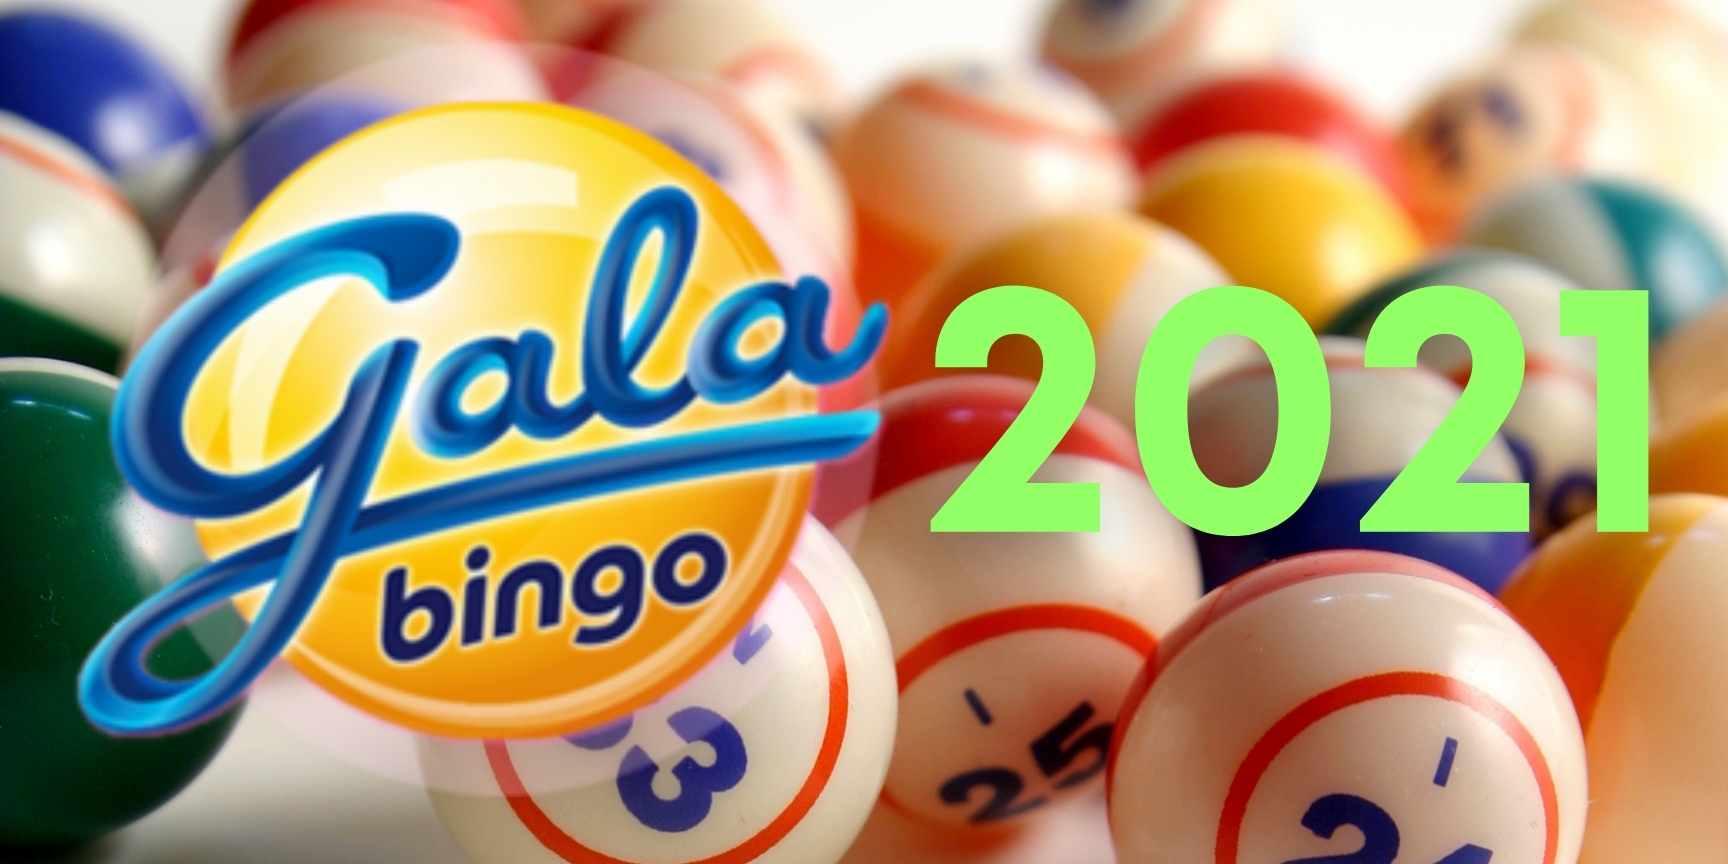 gala bingo 2021